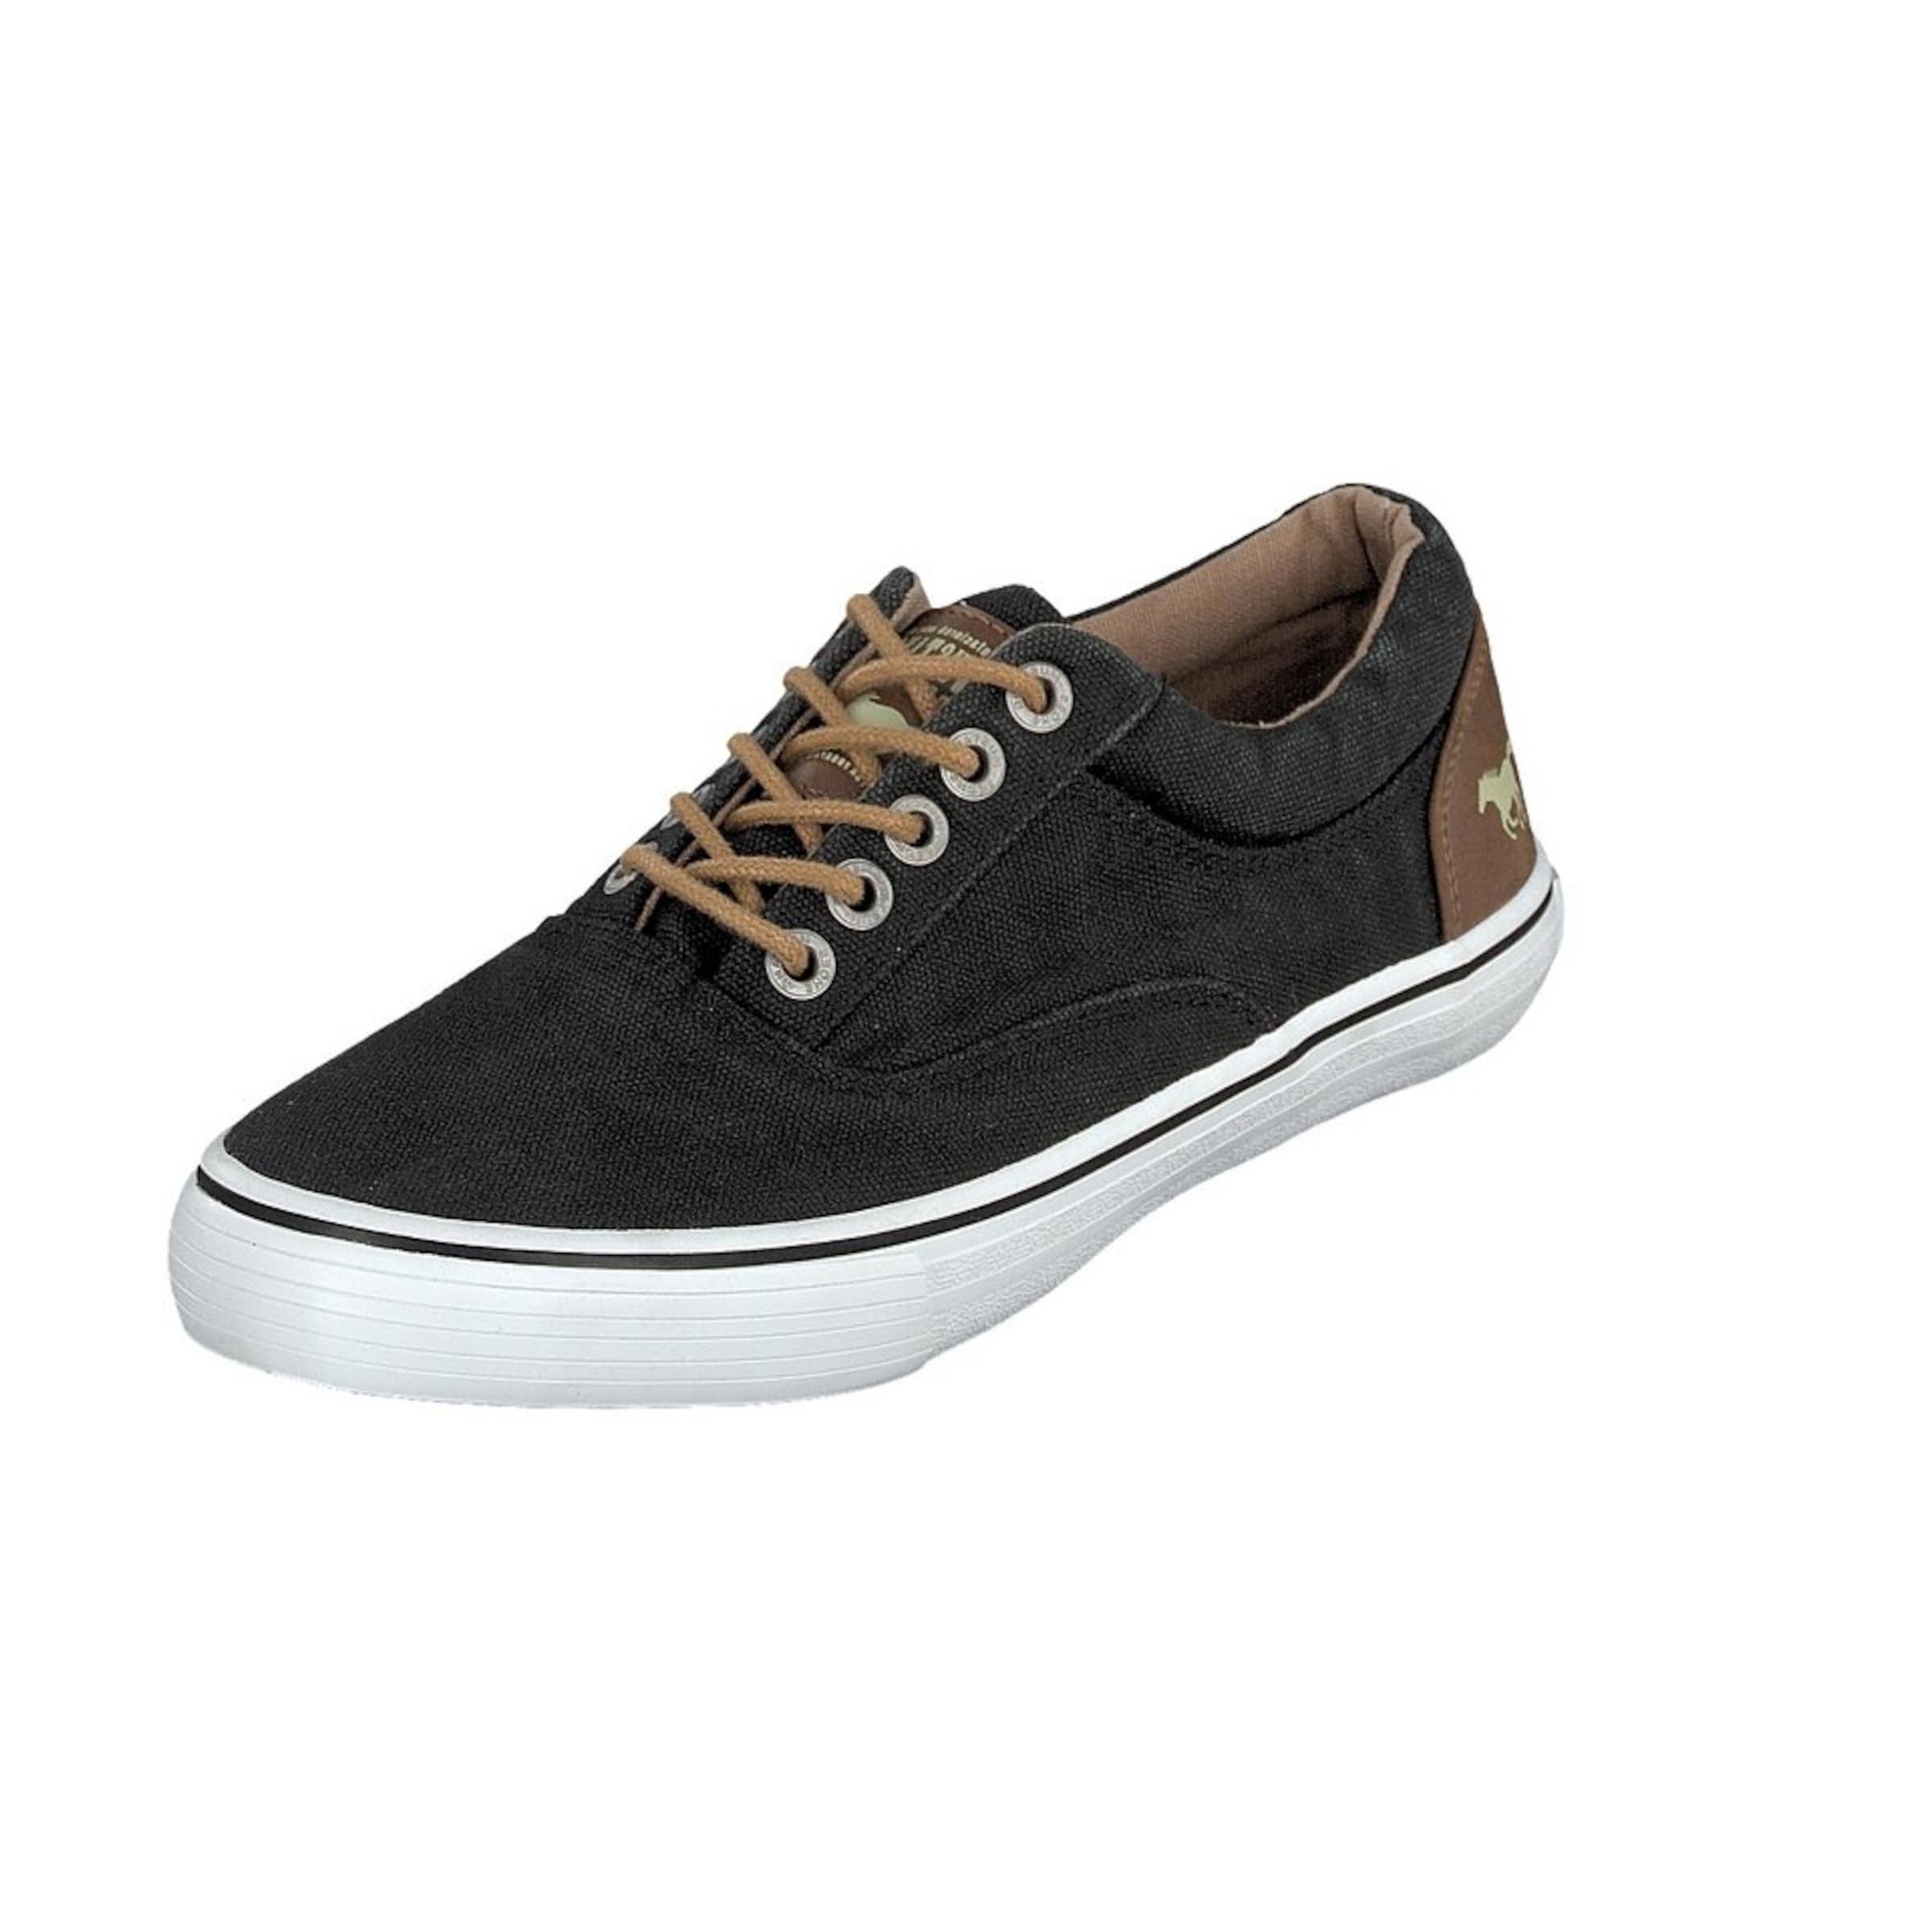 MUSTANG Schnürhalbschuh Verschleißfeste billige Schuhe Hohe Qualität